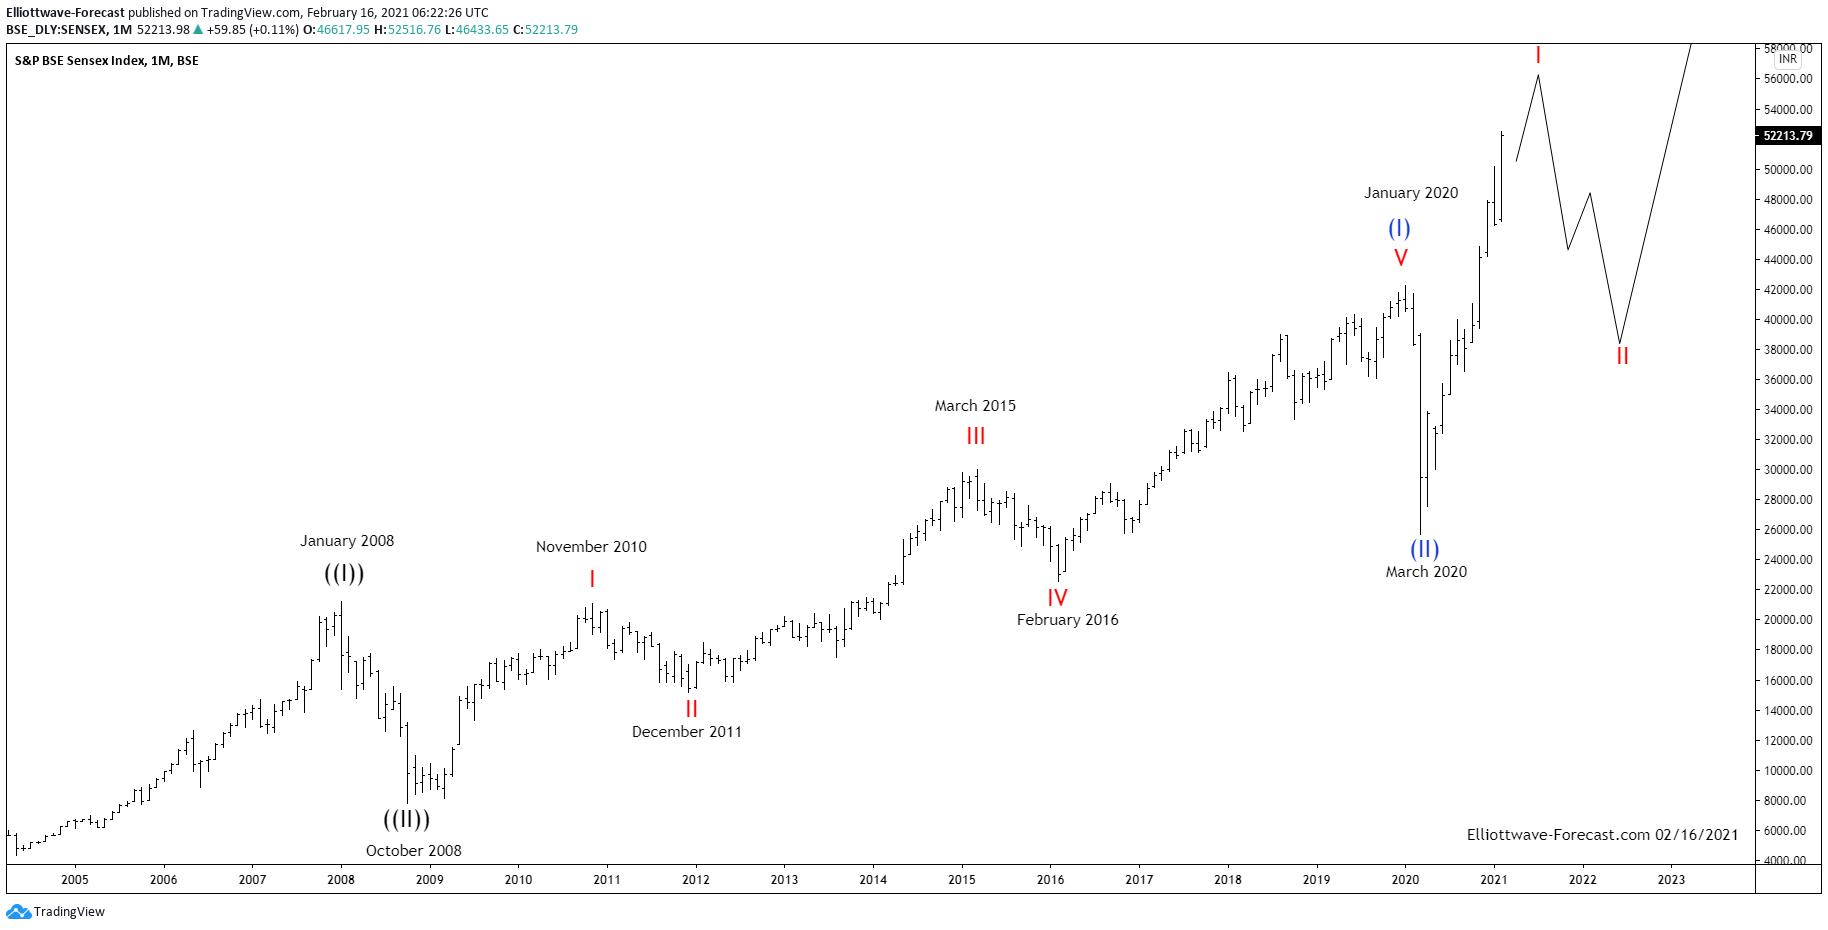 Sensex Index Long Term Bullish Cycles & Elliott Wave